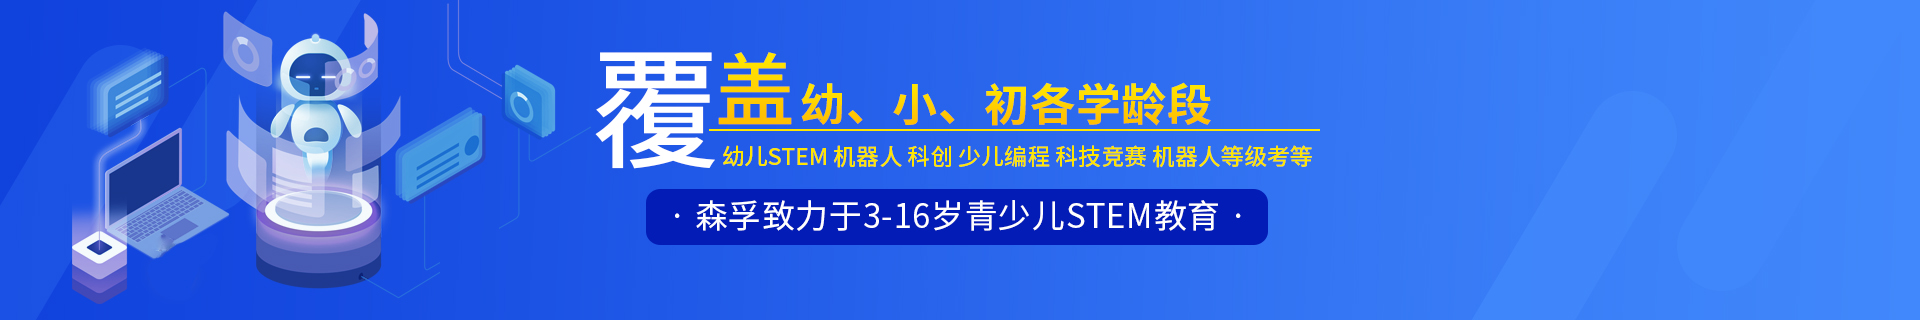 上海长宁区森孚青少儿机器人编程